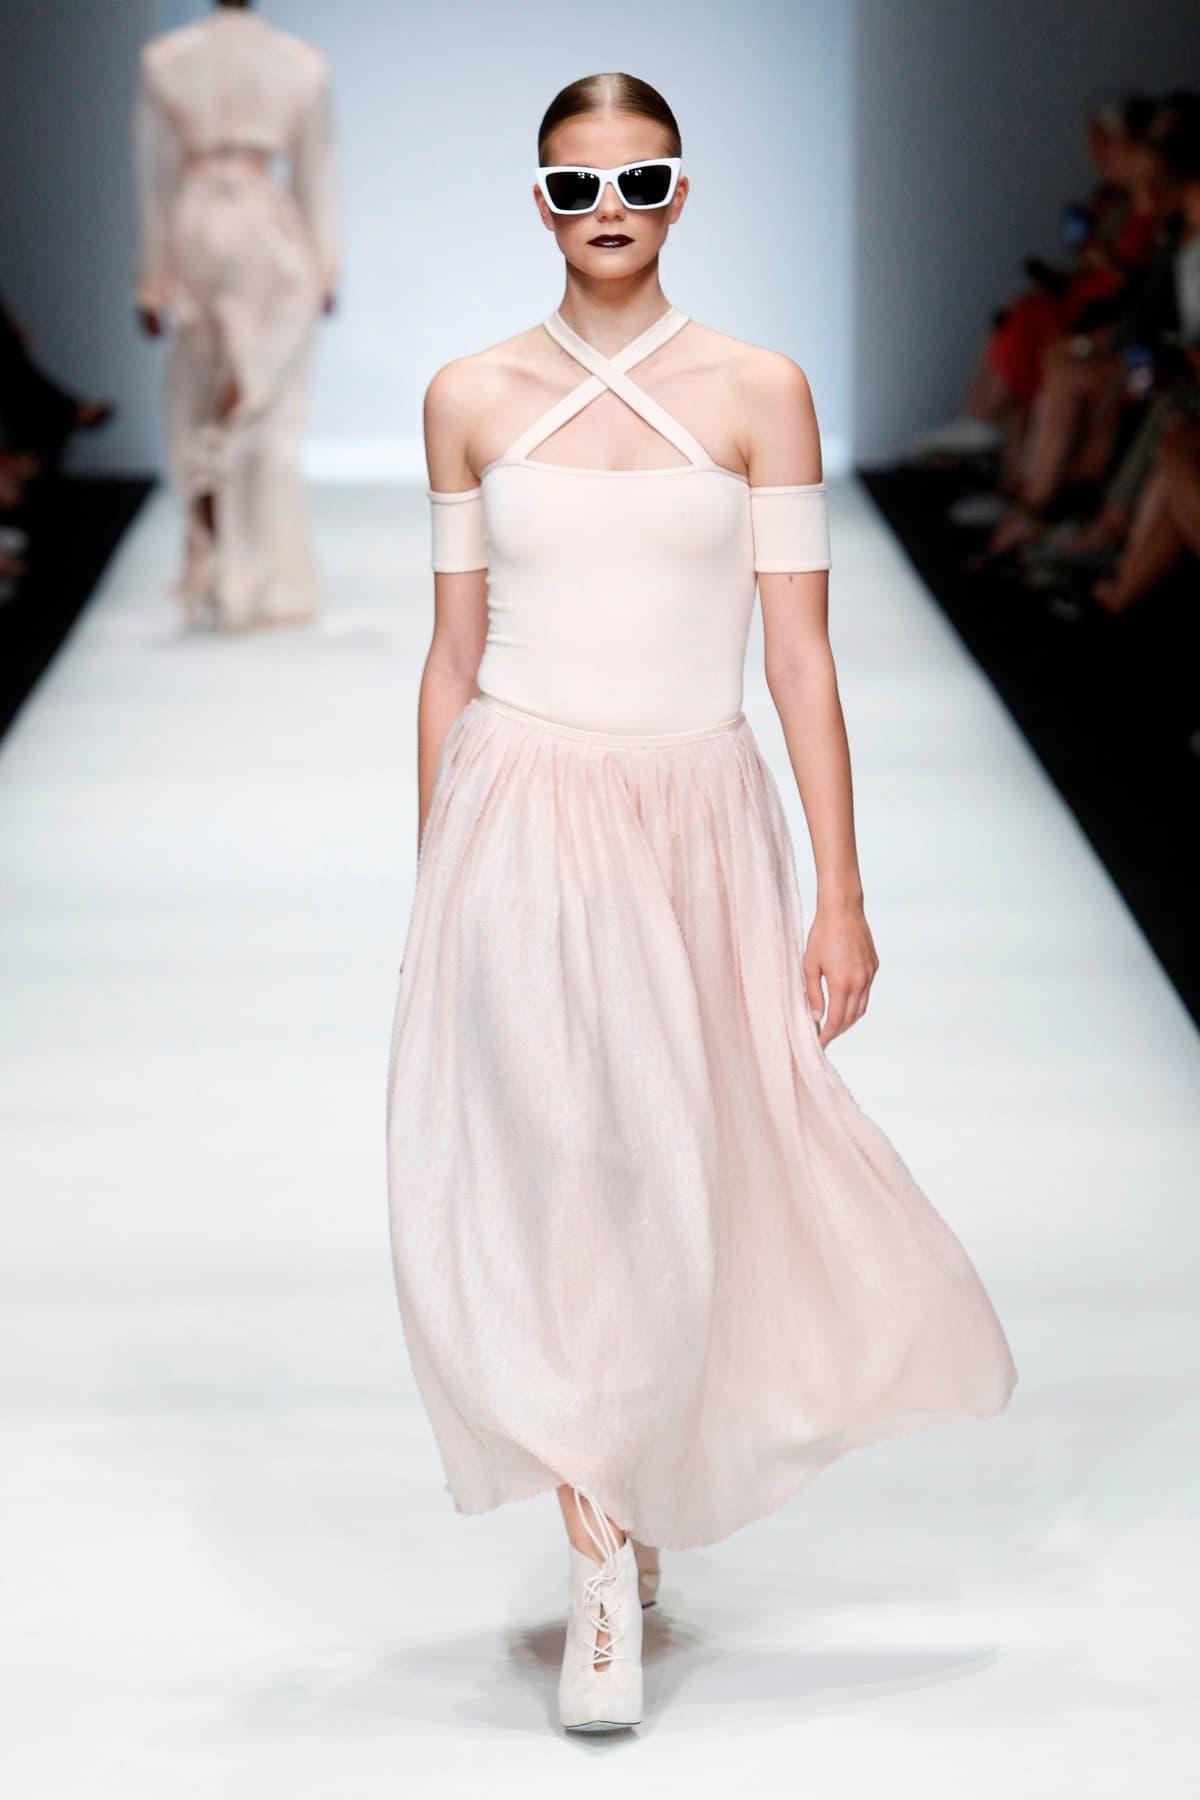 Michael MichalskyMode Frühjahr-Sommer 2020 zur Fashion Week Berlin Juli 2019 - 10